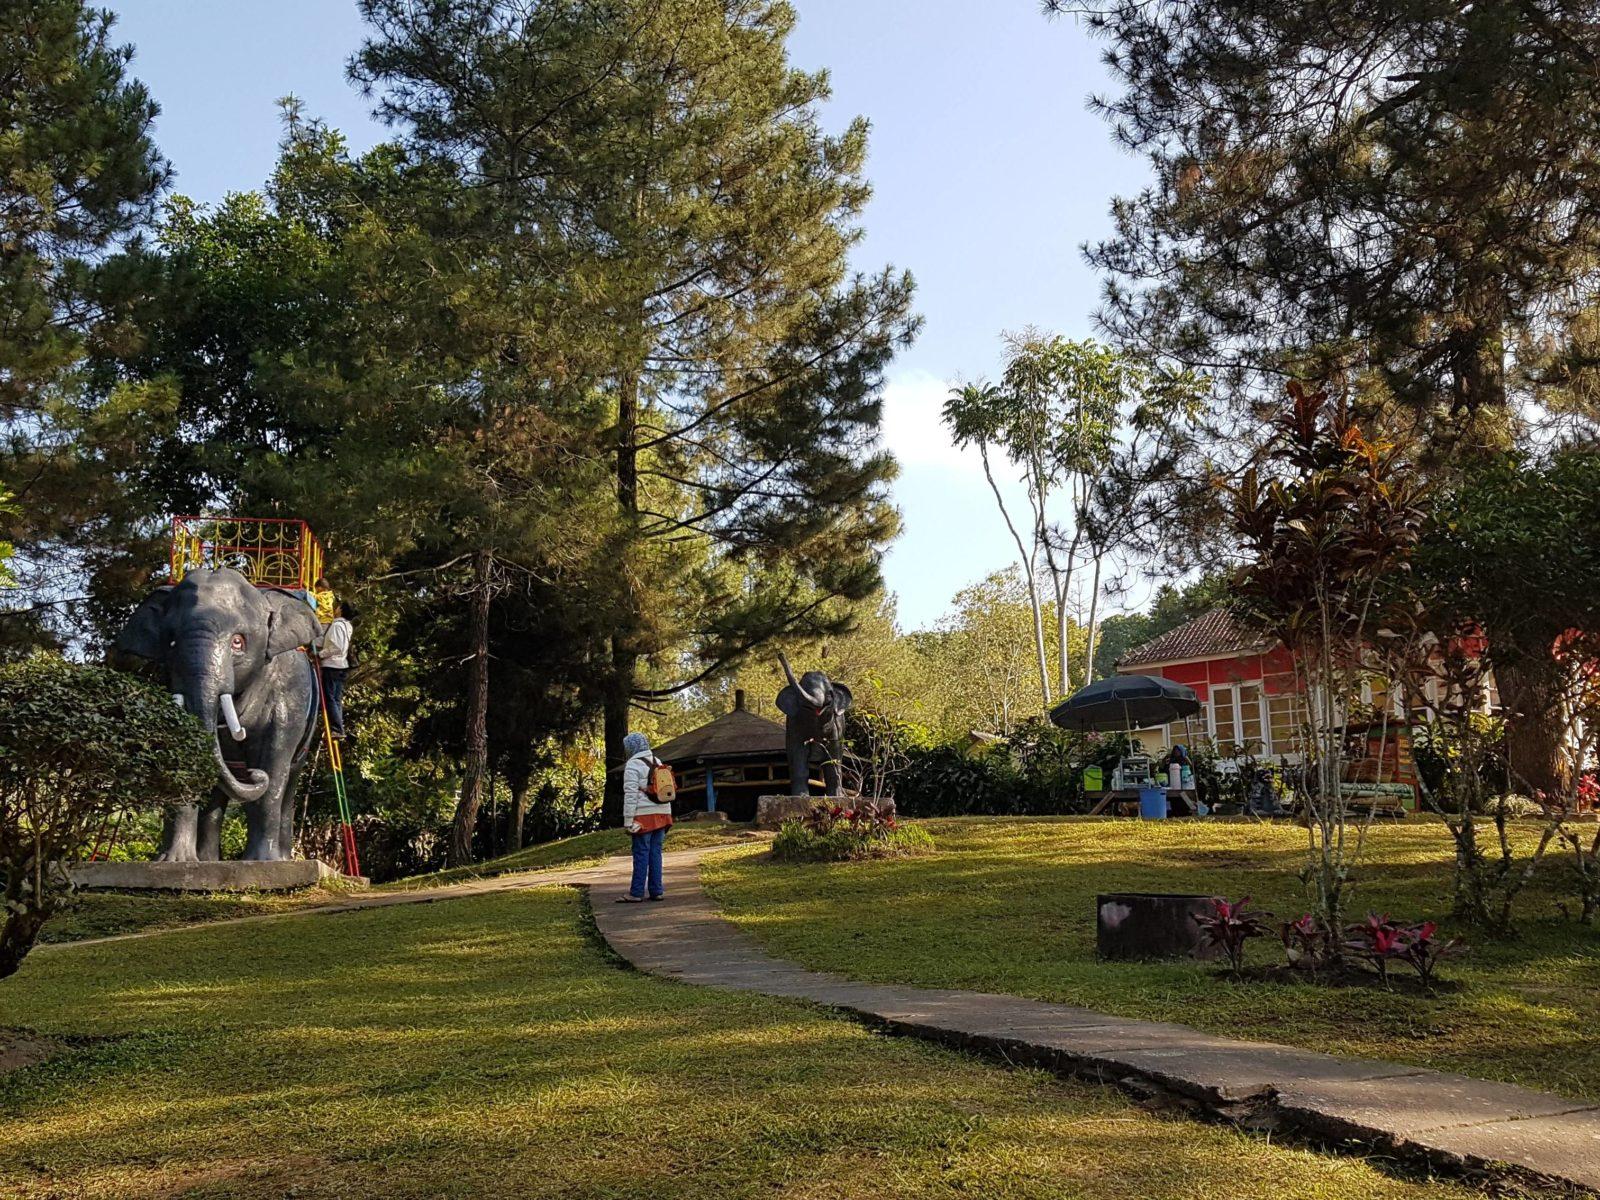 Taman Wisata Kaliurang Tiket & Aktivitas Januari 5 ...